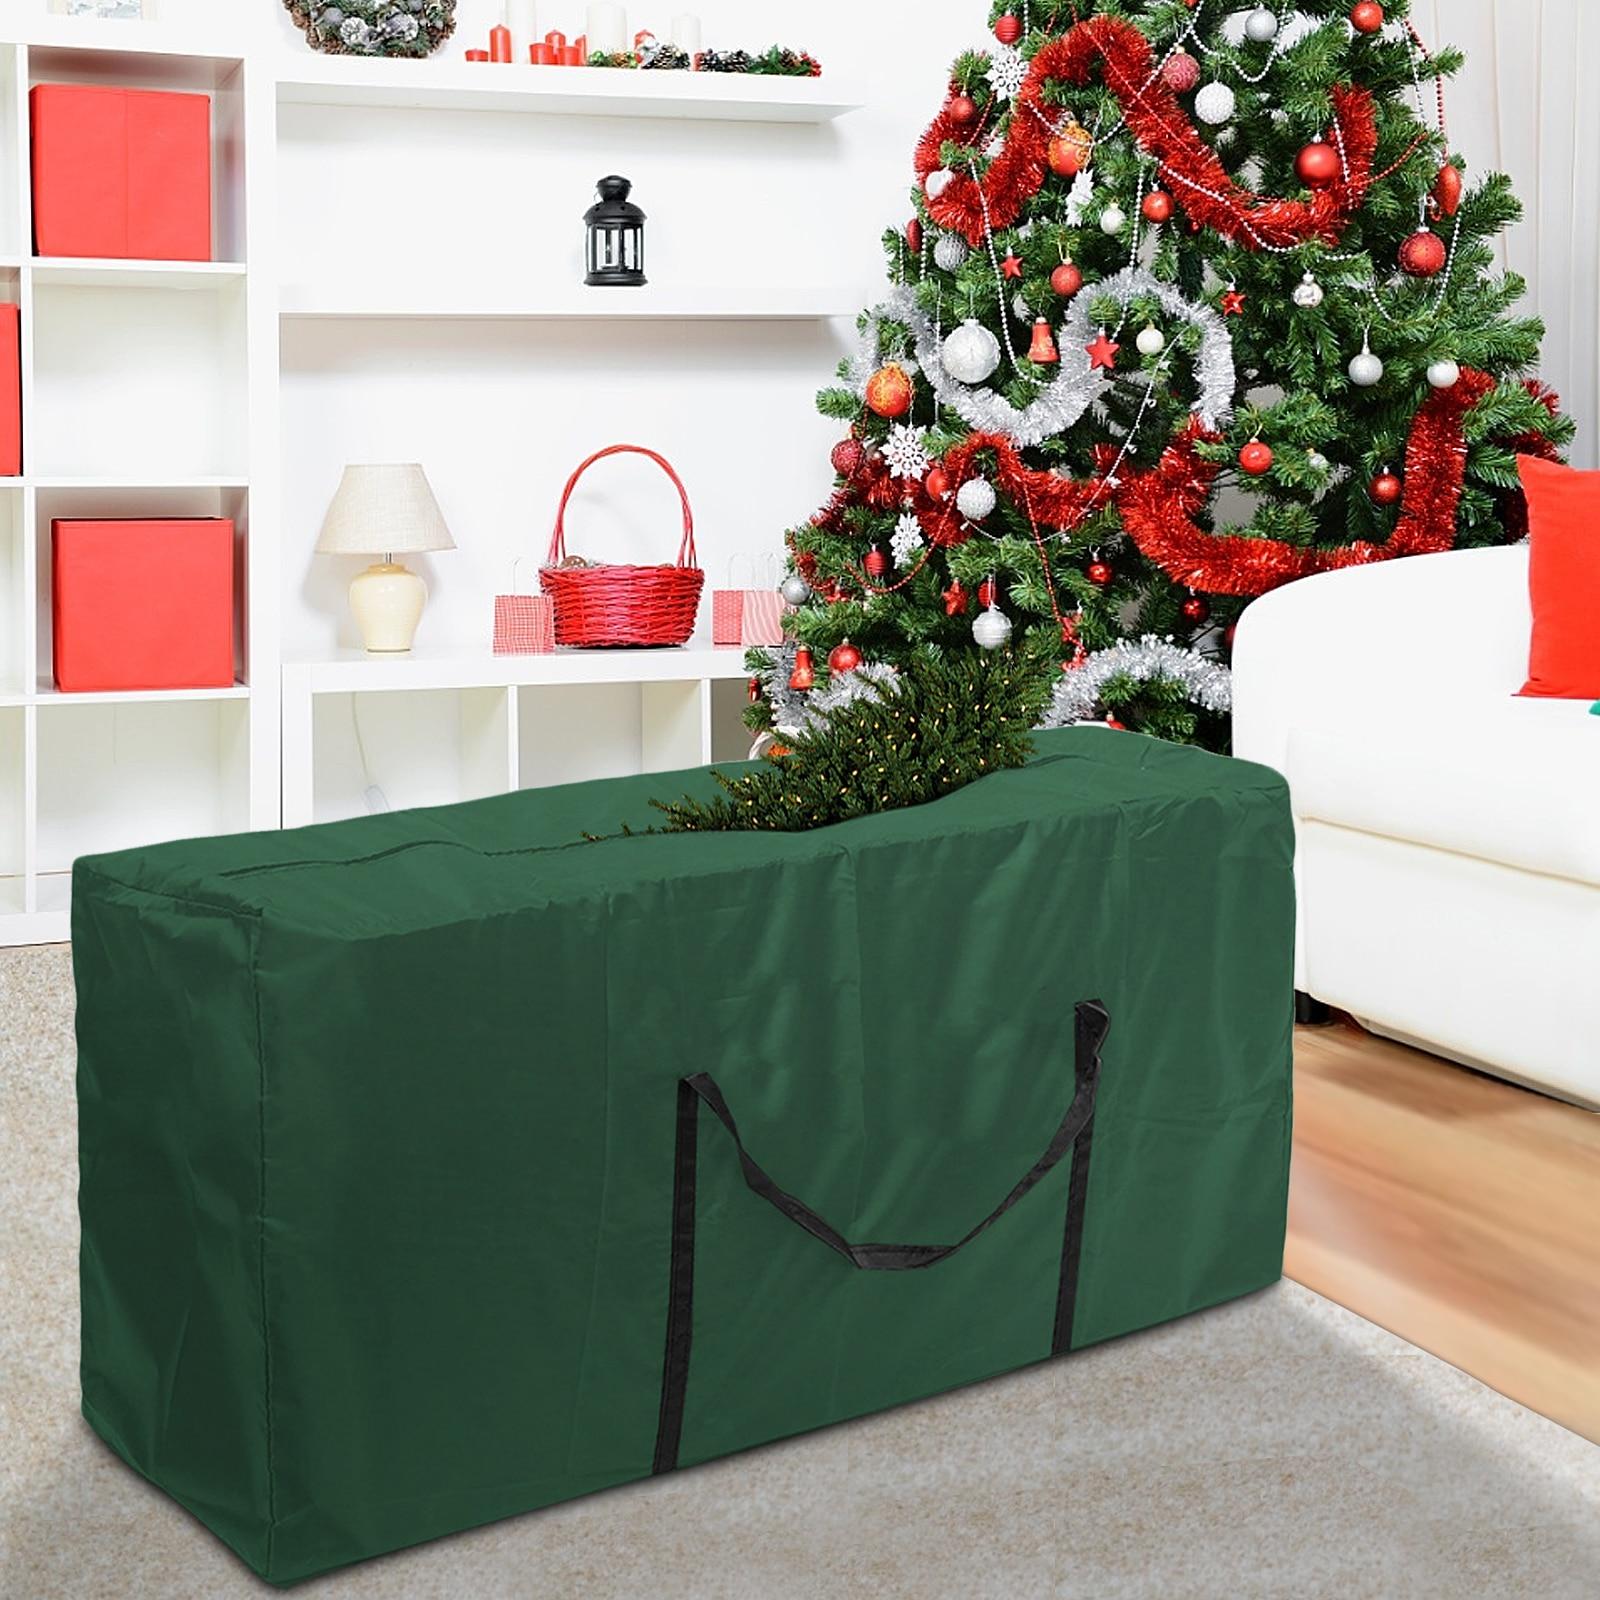 Árvore de natal saco de armazenamento à prova de poeira capa proteger impermeável grande-capacidade colcha roupas armazém sacos de armazenamento organizar ferramentas